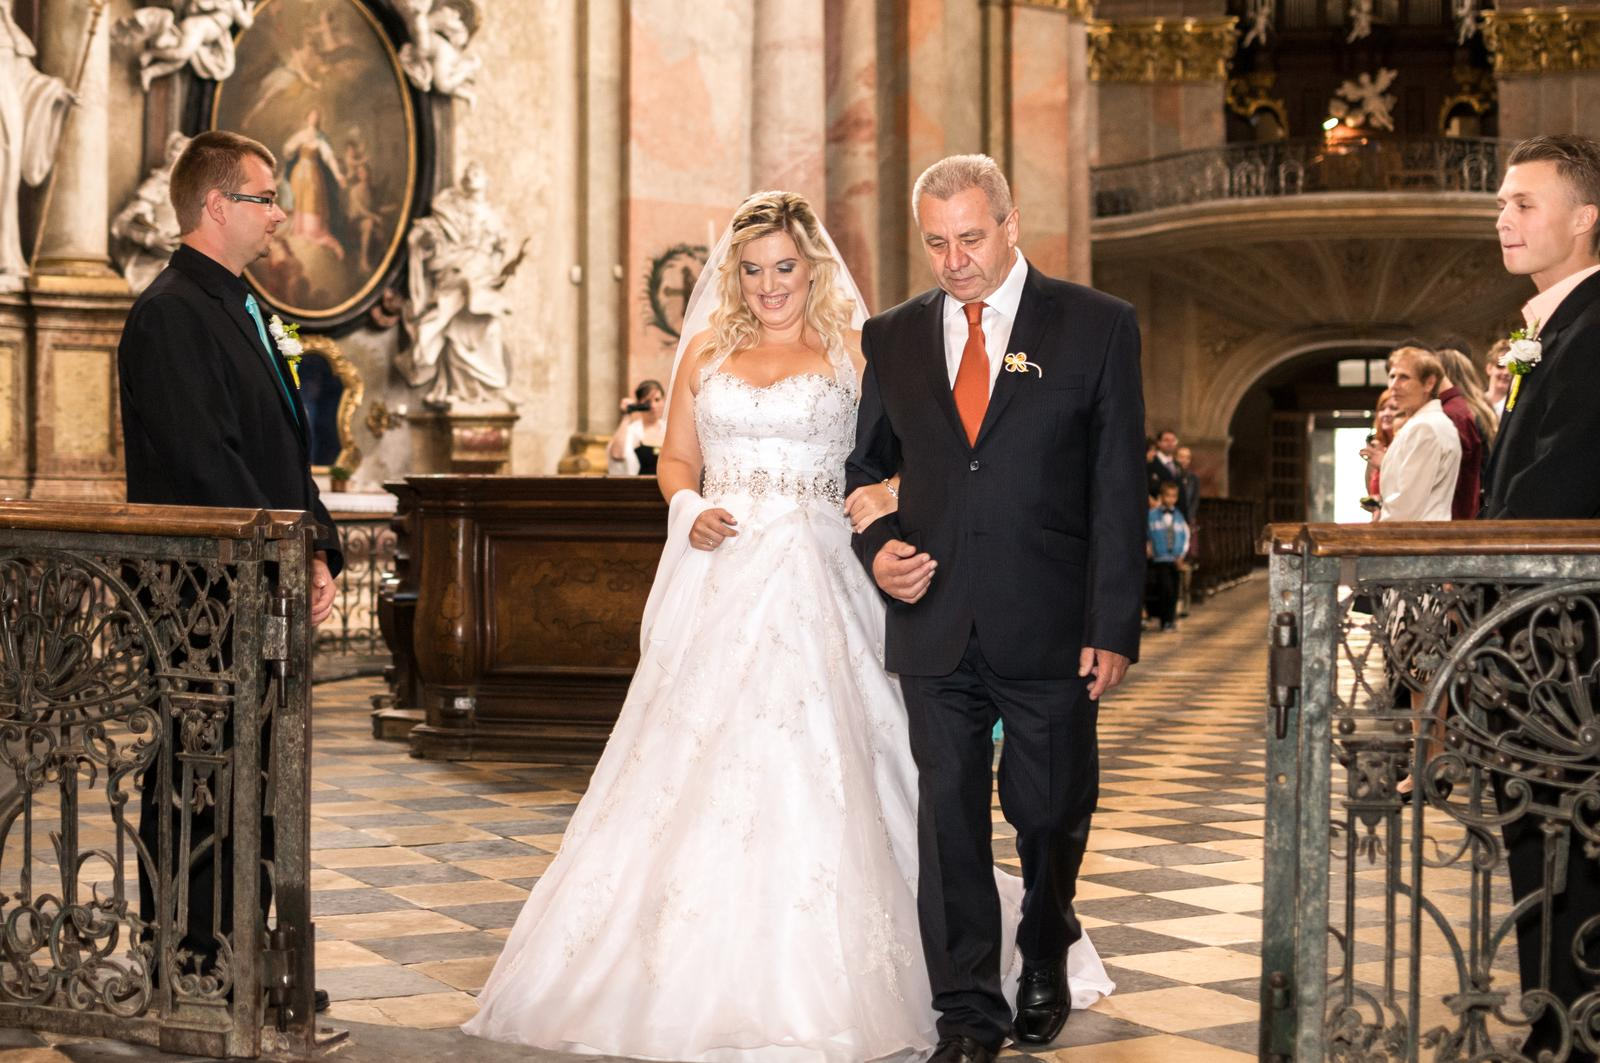 Veronika{{_AND_}}Zbyněk - S dědečkem, šíleně se mi klepaly nohy, ...v ten moment jsem mužskou figuru, která vede nevěstu, pochopila. :-)